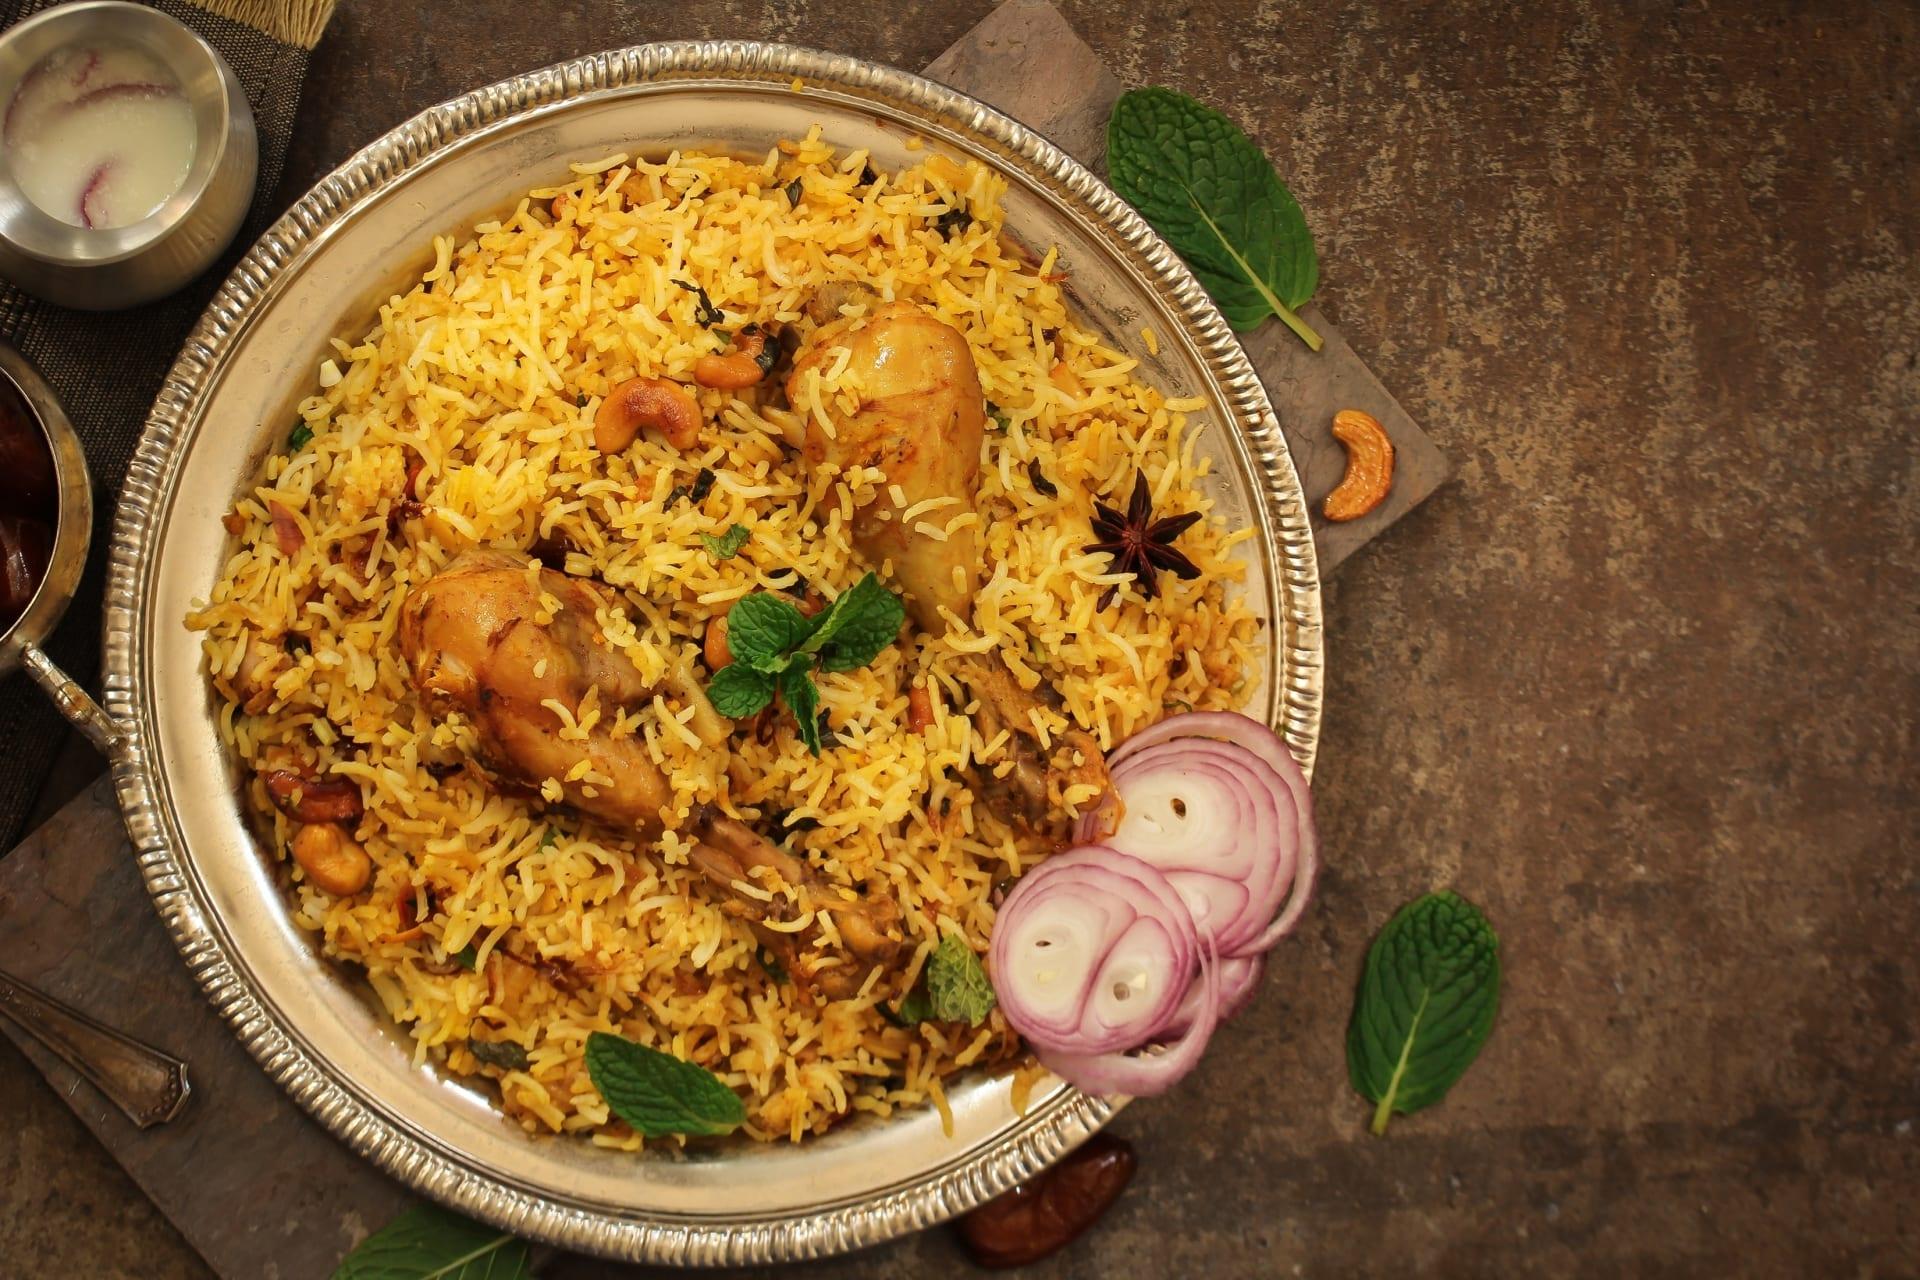 Agra - Chicken Biryani Cooking Class